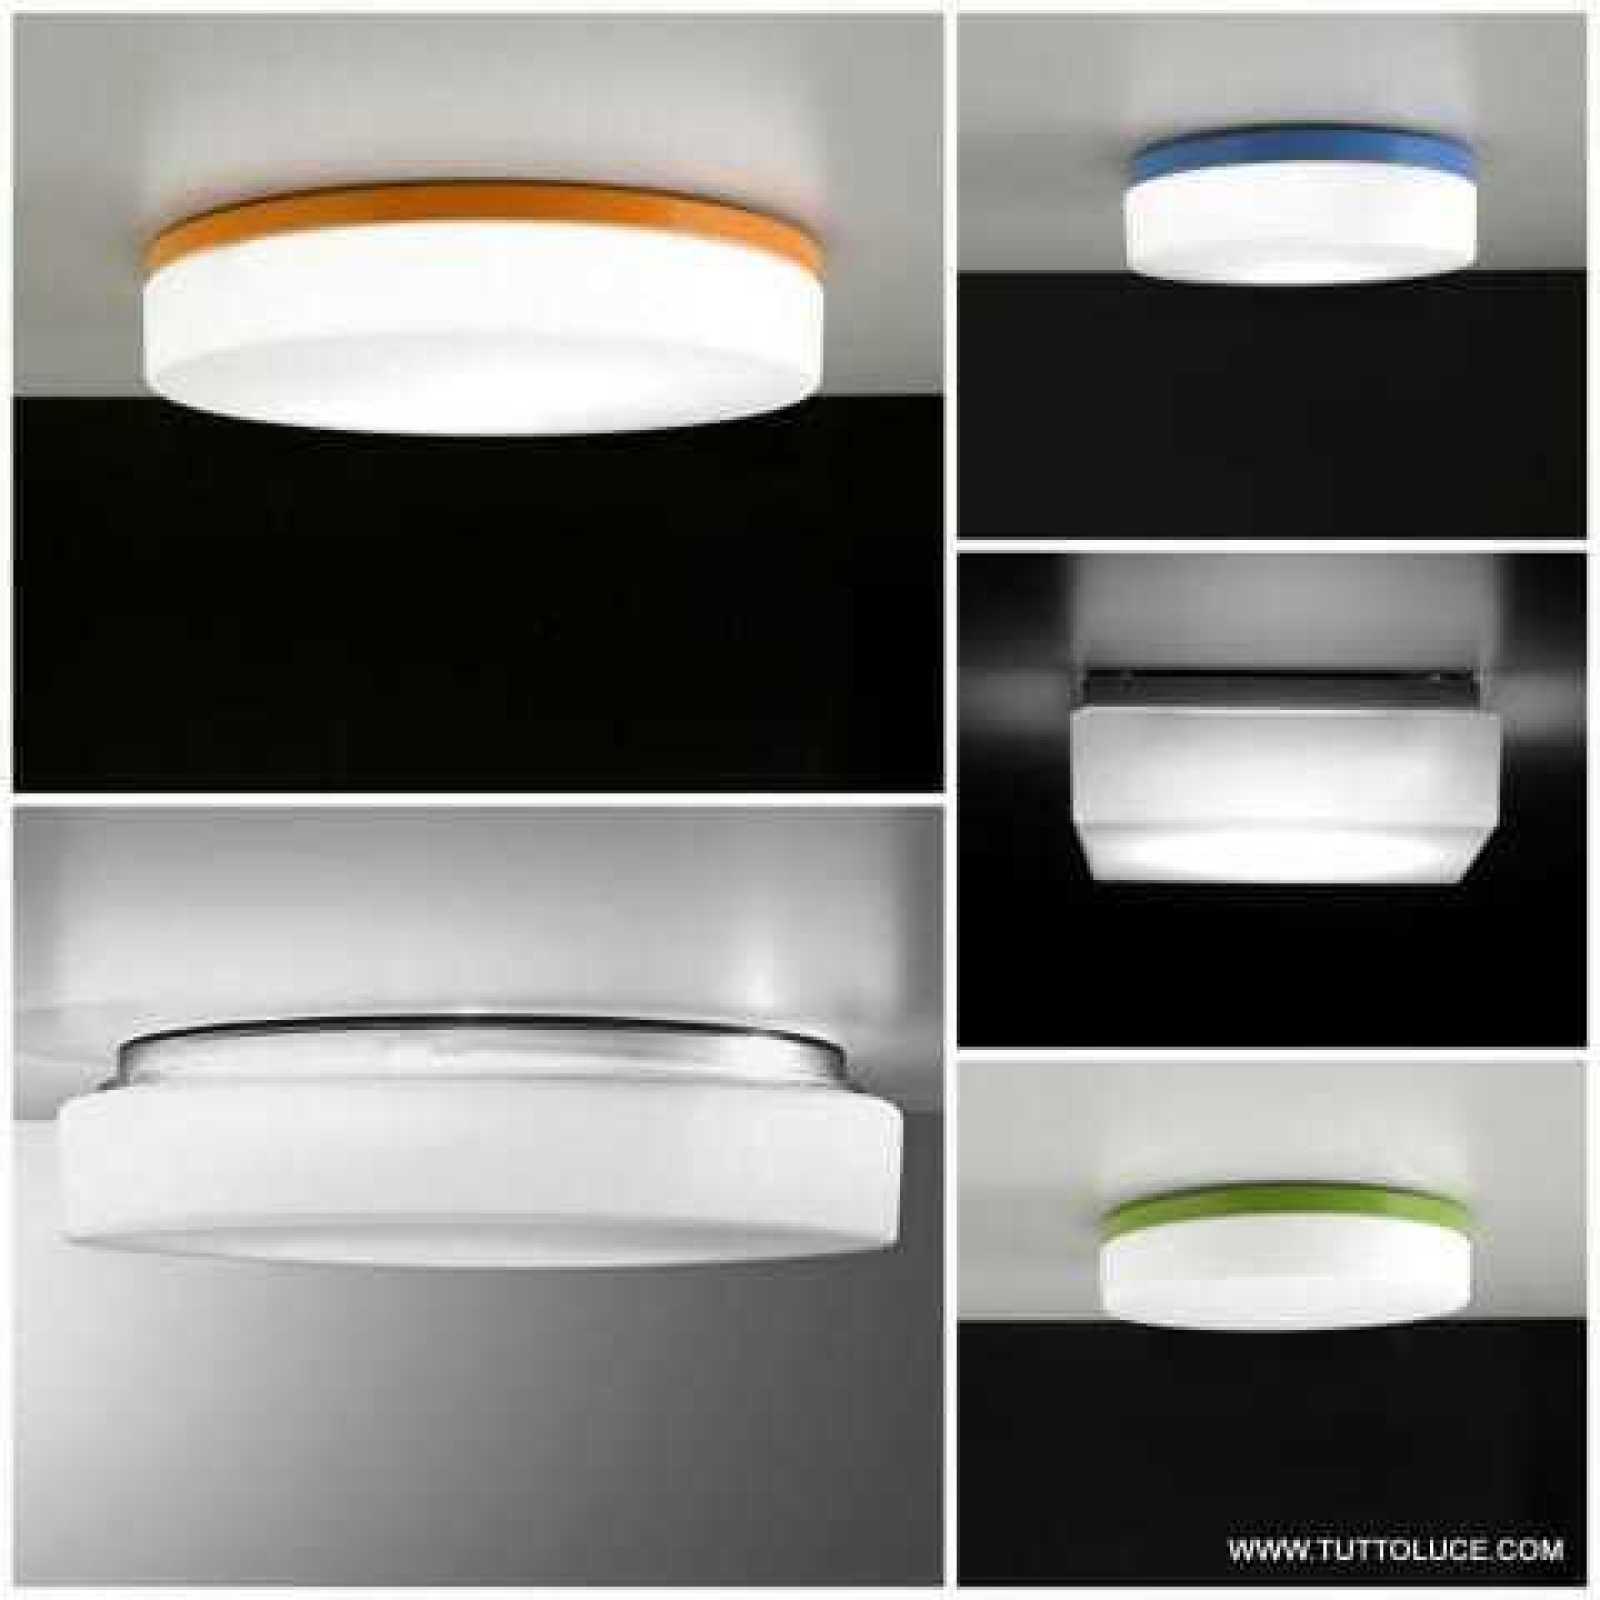 Lampade moderne in vetro soffiato con il cuore led - Le nuove lampadine ...